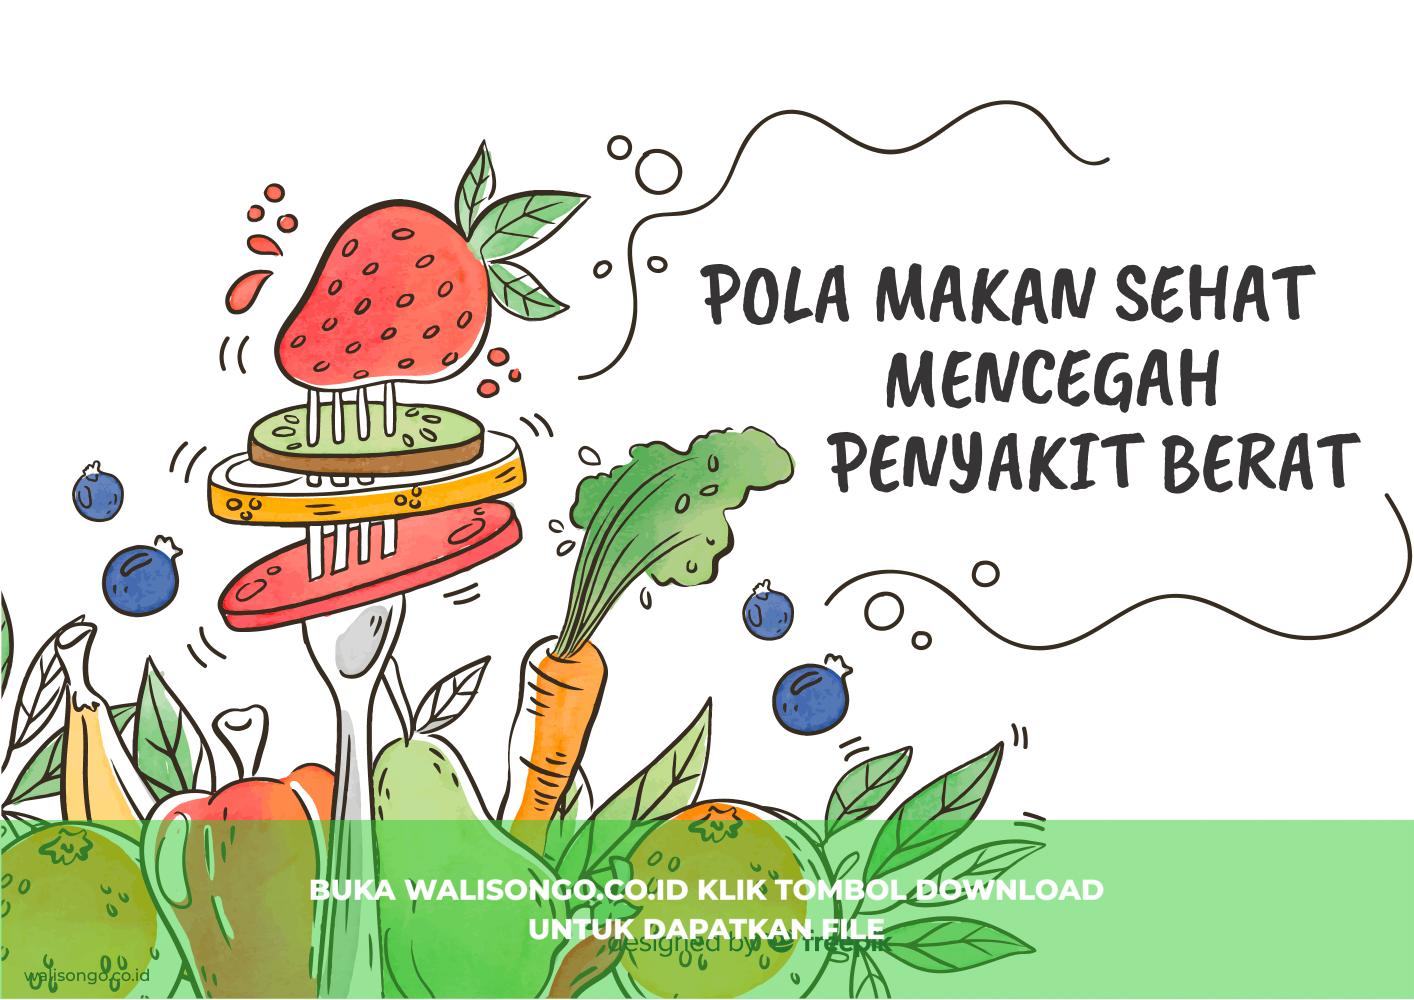 poster pola makan sehat